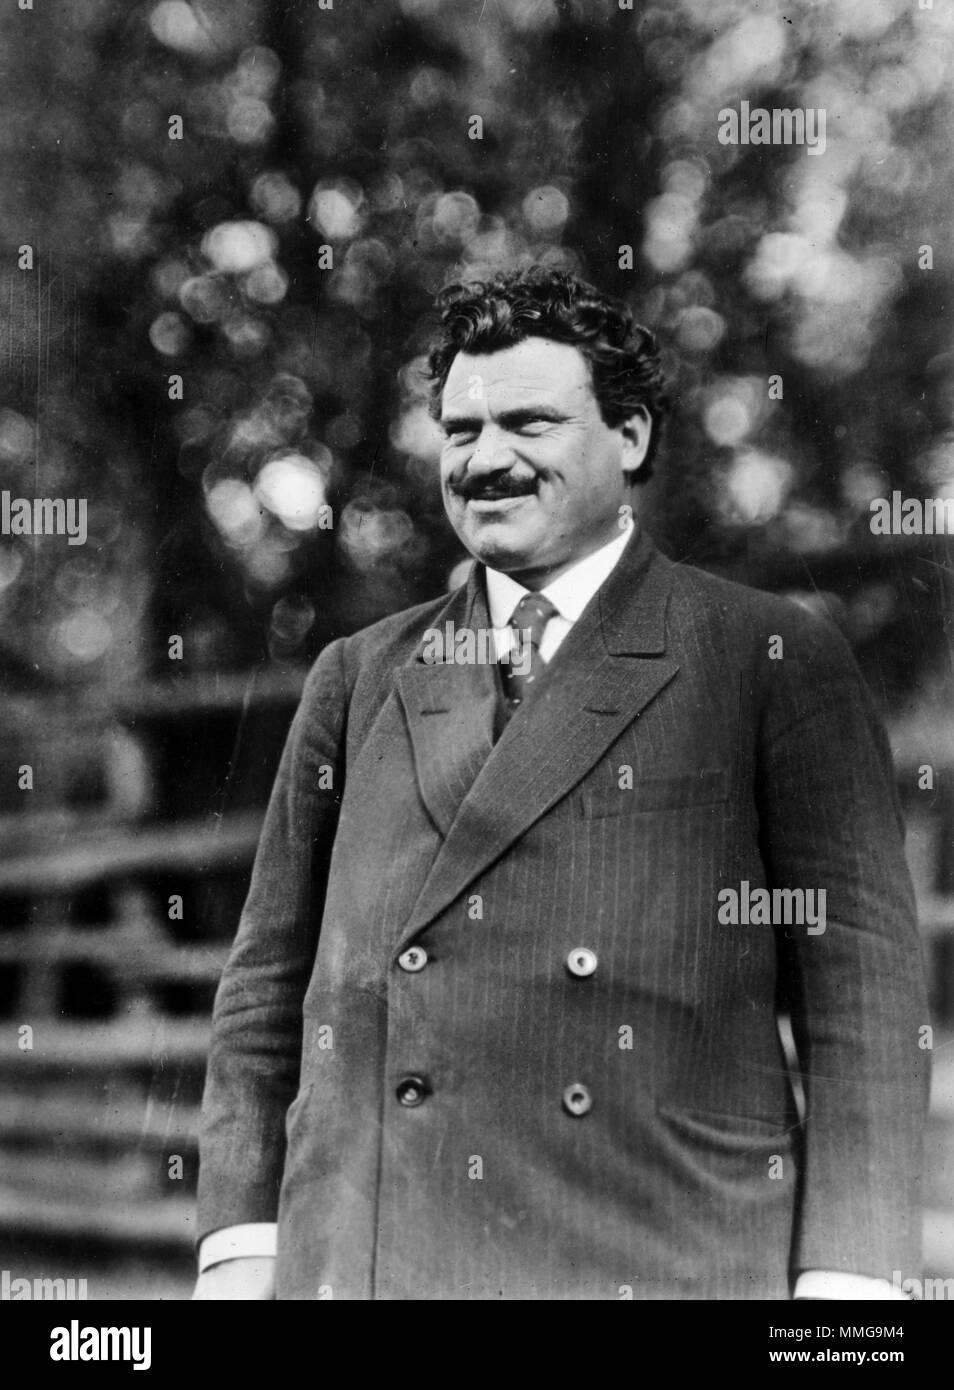 Aleksandar Stamboliyski, (1879 – 1923) prime minister of Bulgaria from 1919 until 1923 - Stock Image